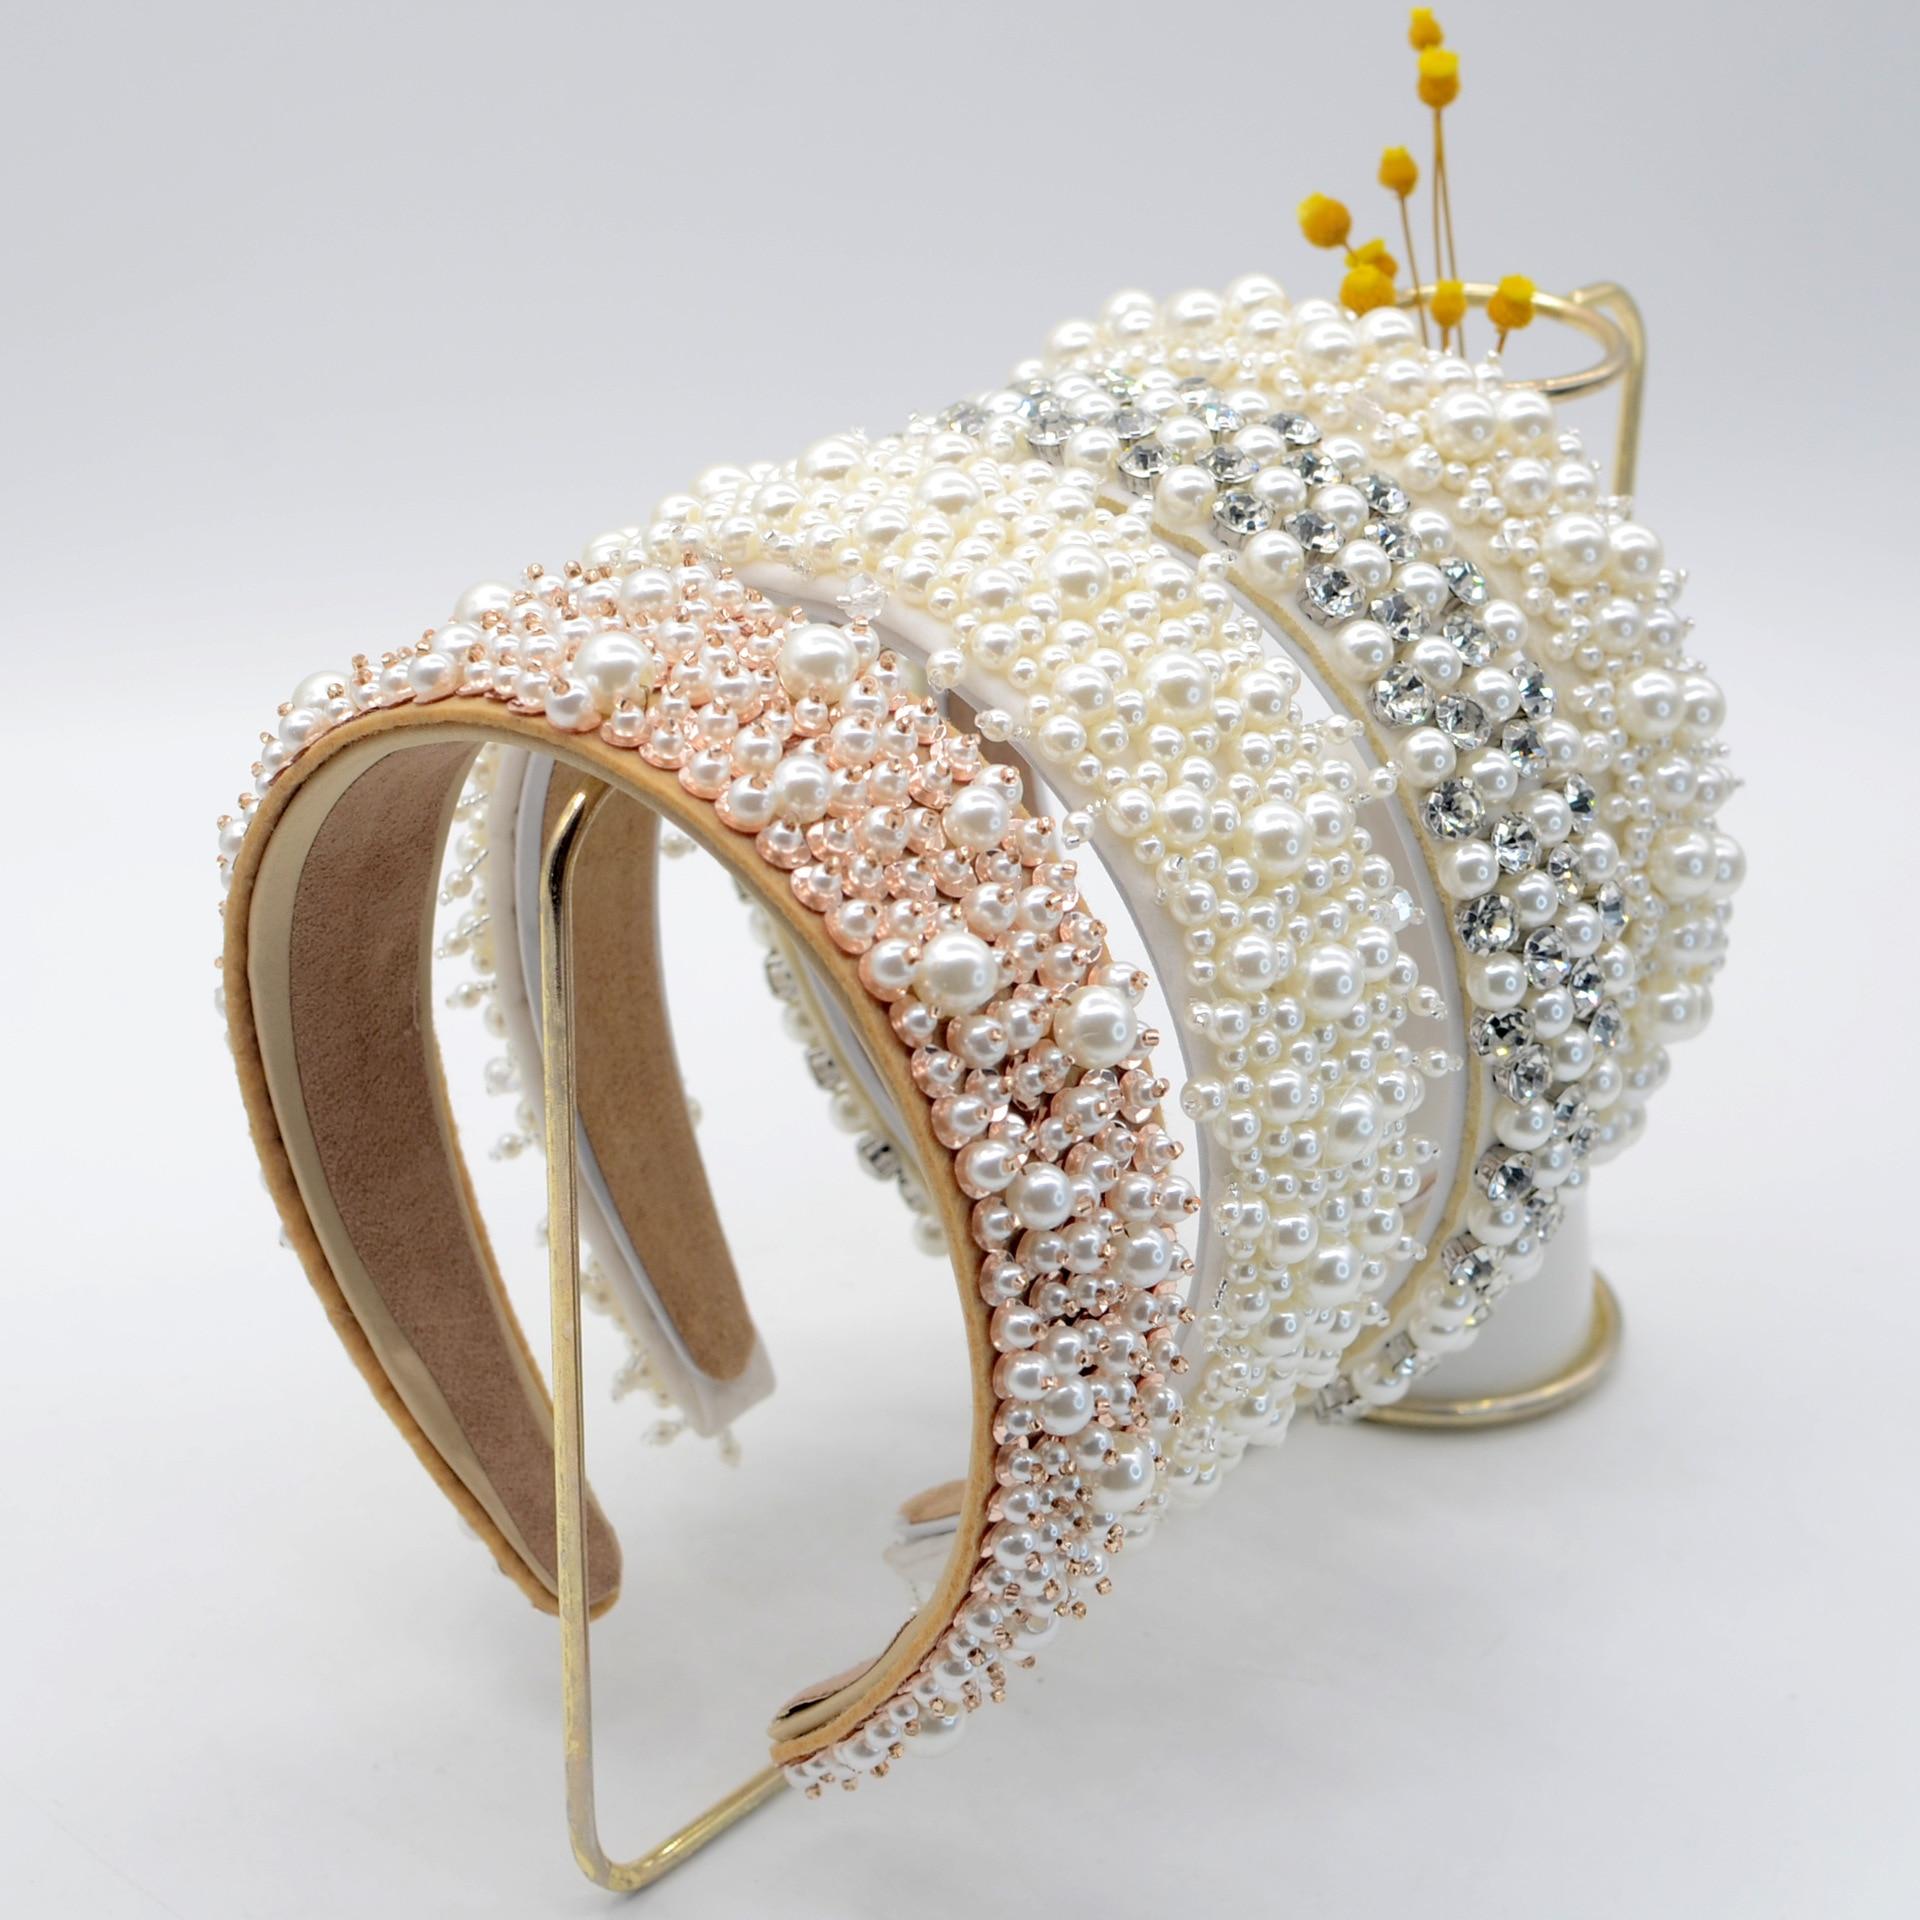 JOLORYM donne perle strass barocco copricapo alla moda spugna corona fascia per capelli accessori per capelli fascia larga FG-YL-034